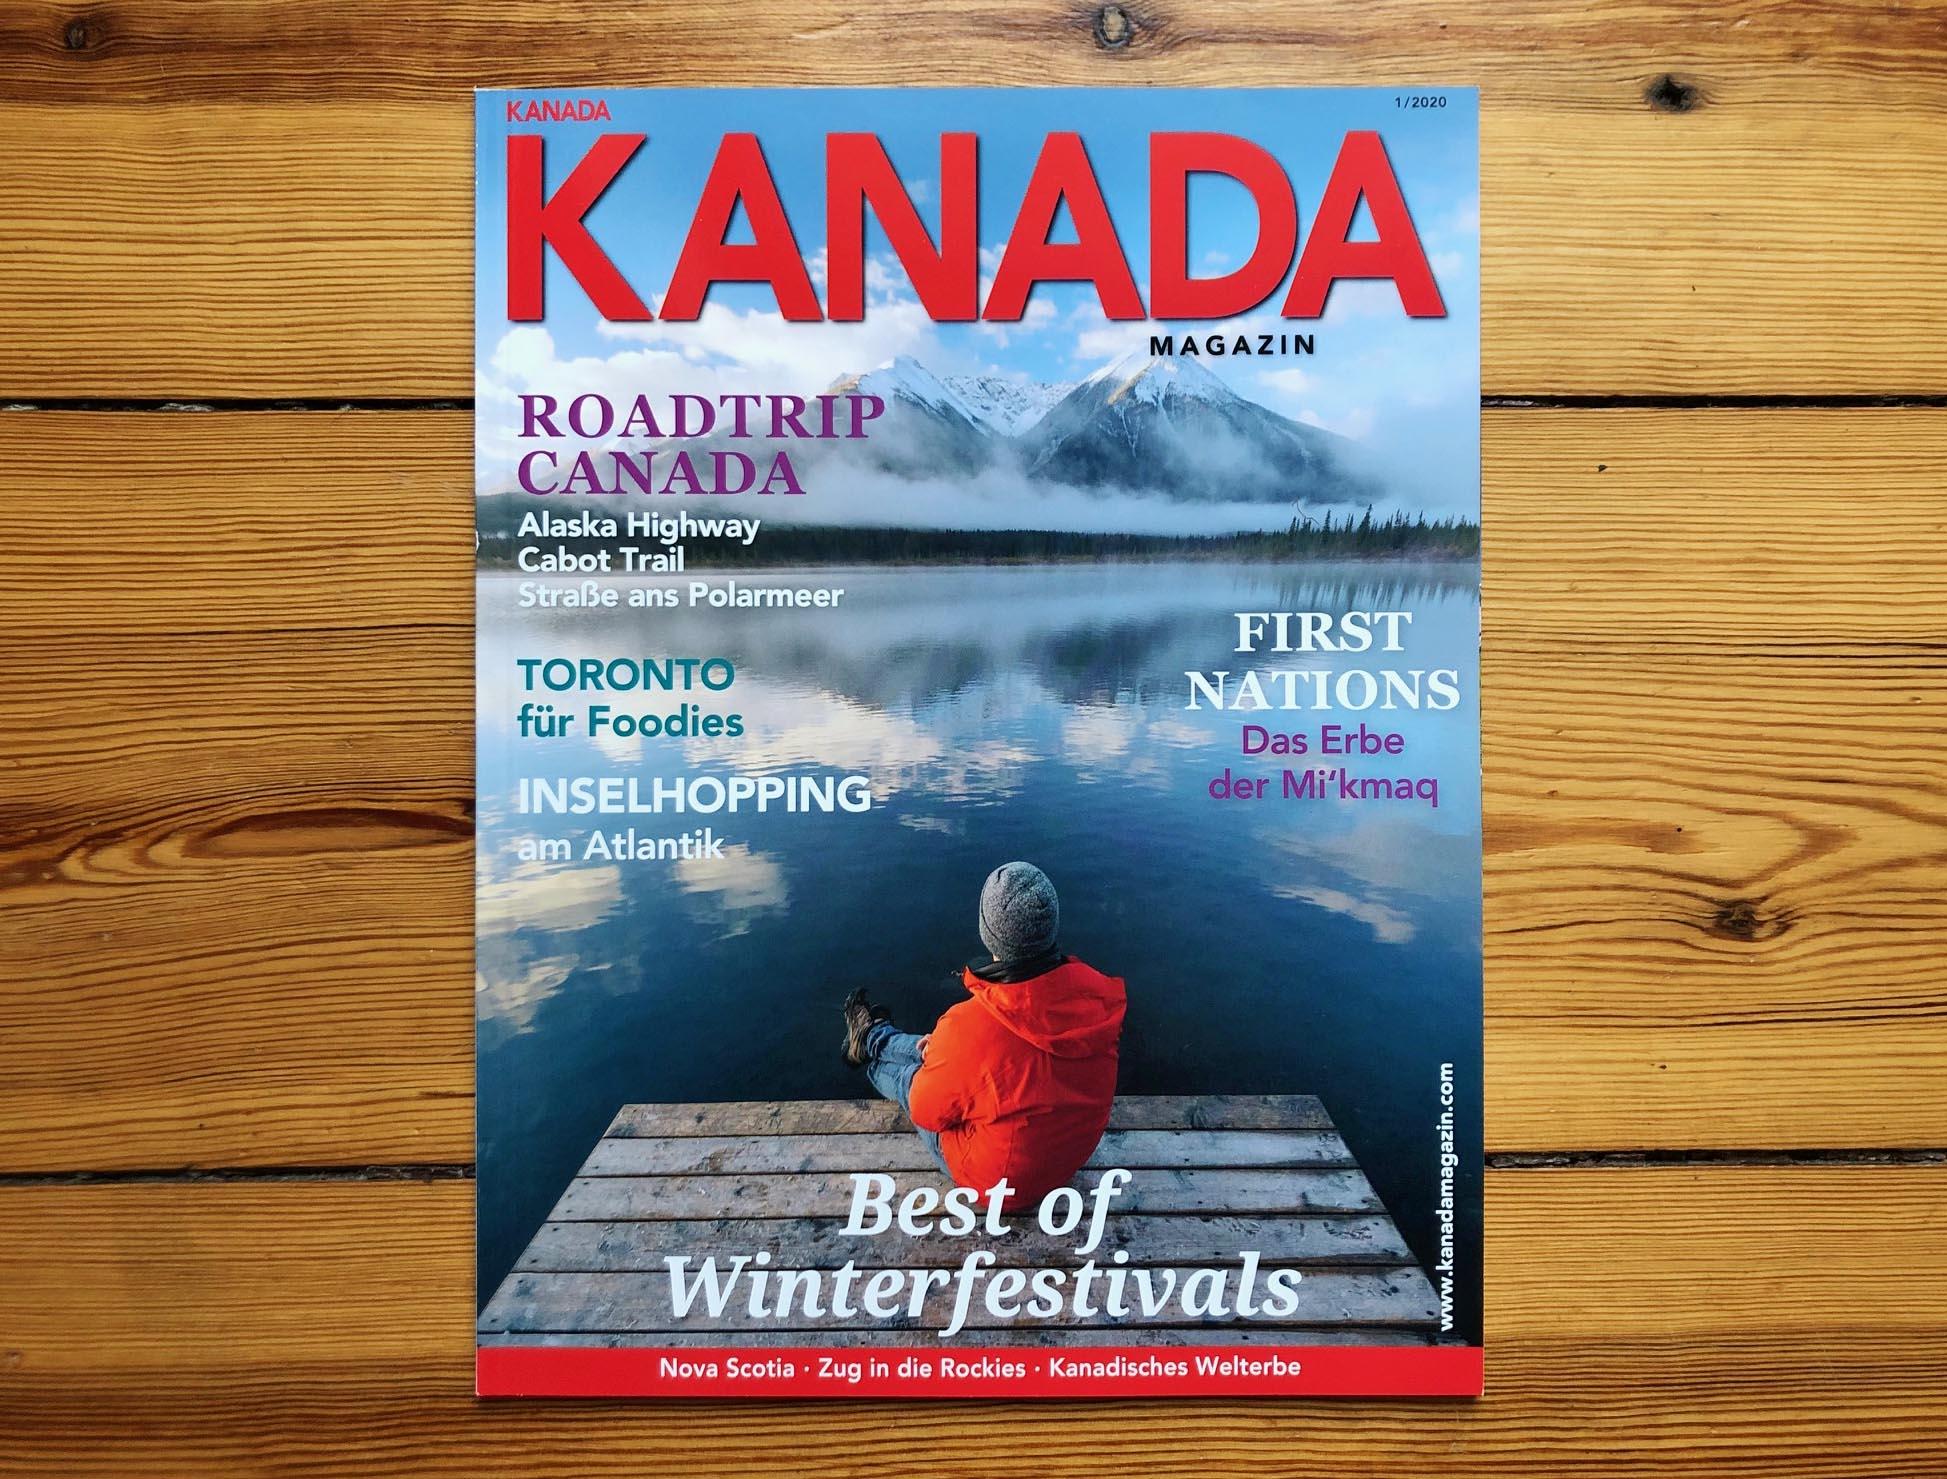 Neues KANADA Magazin